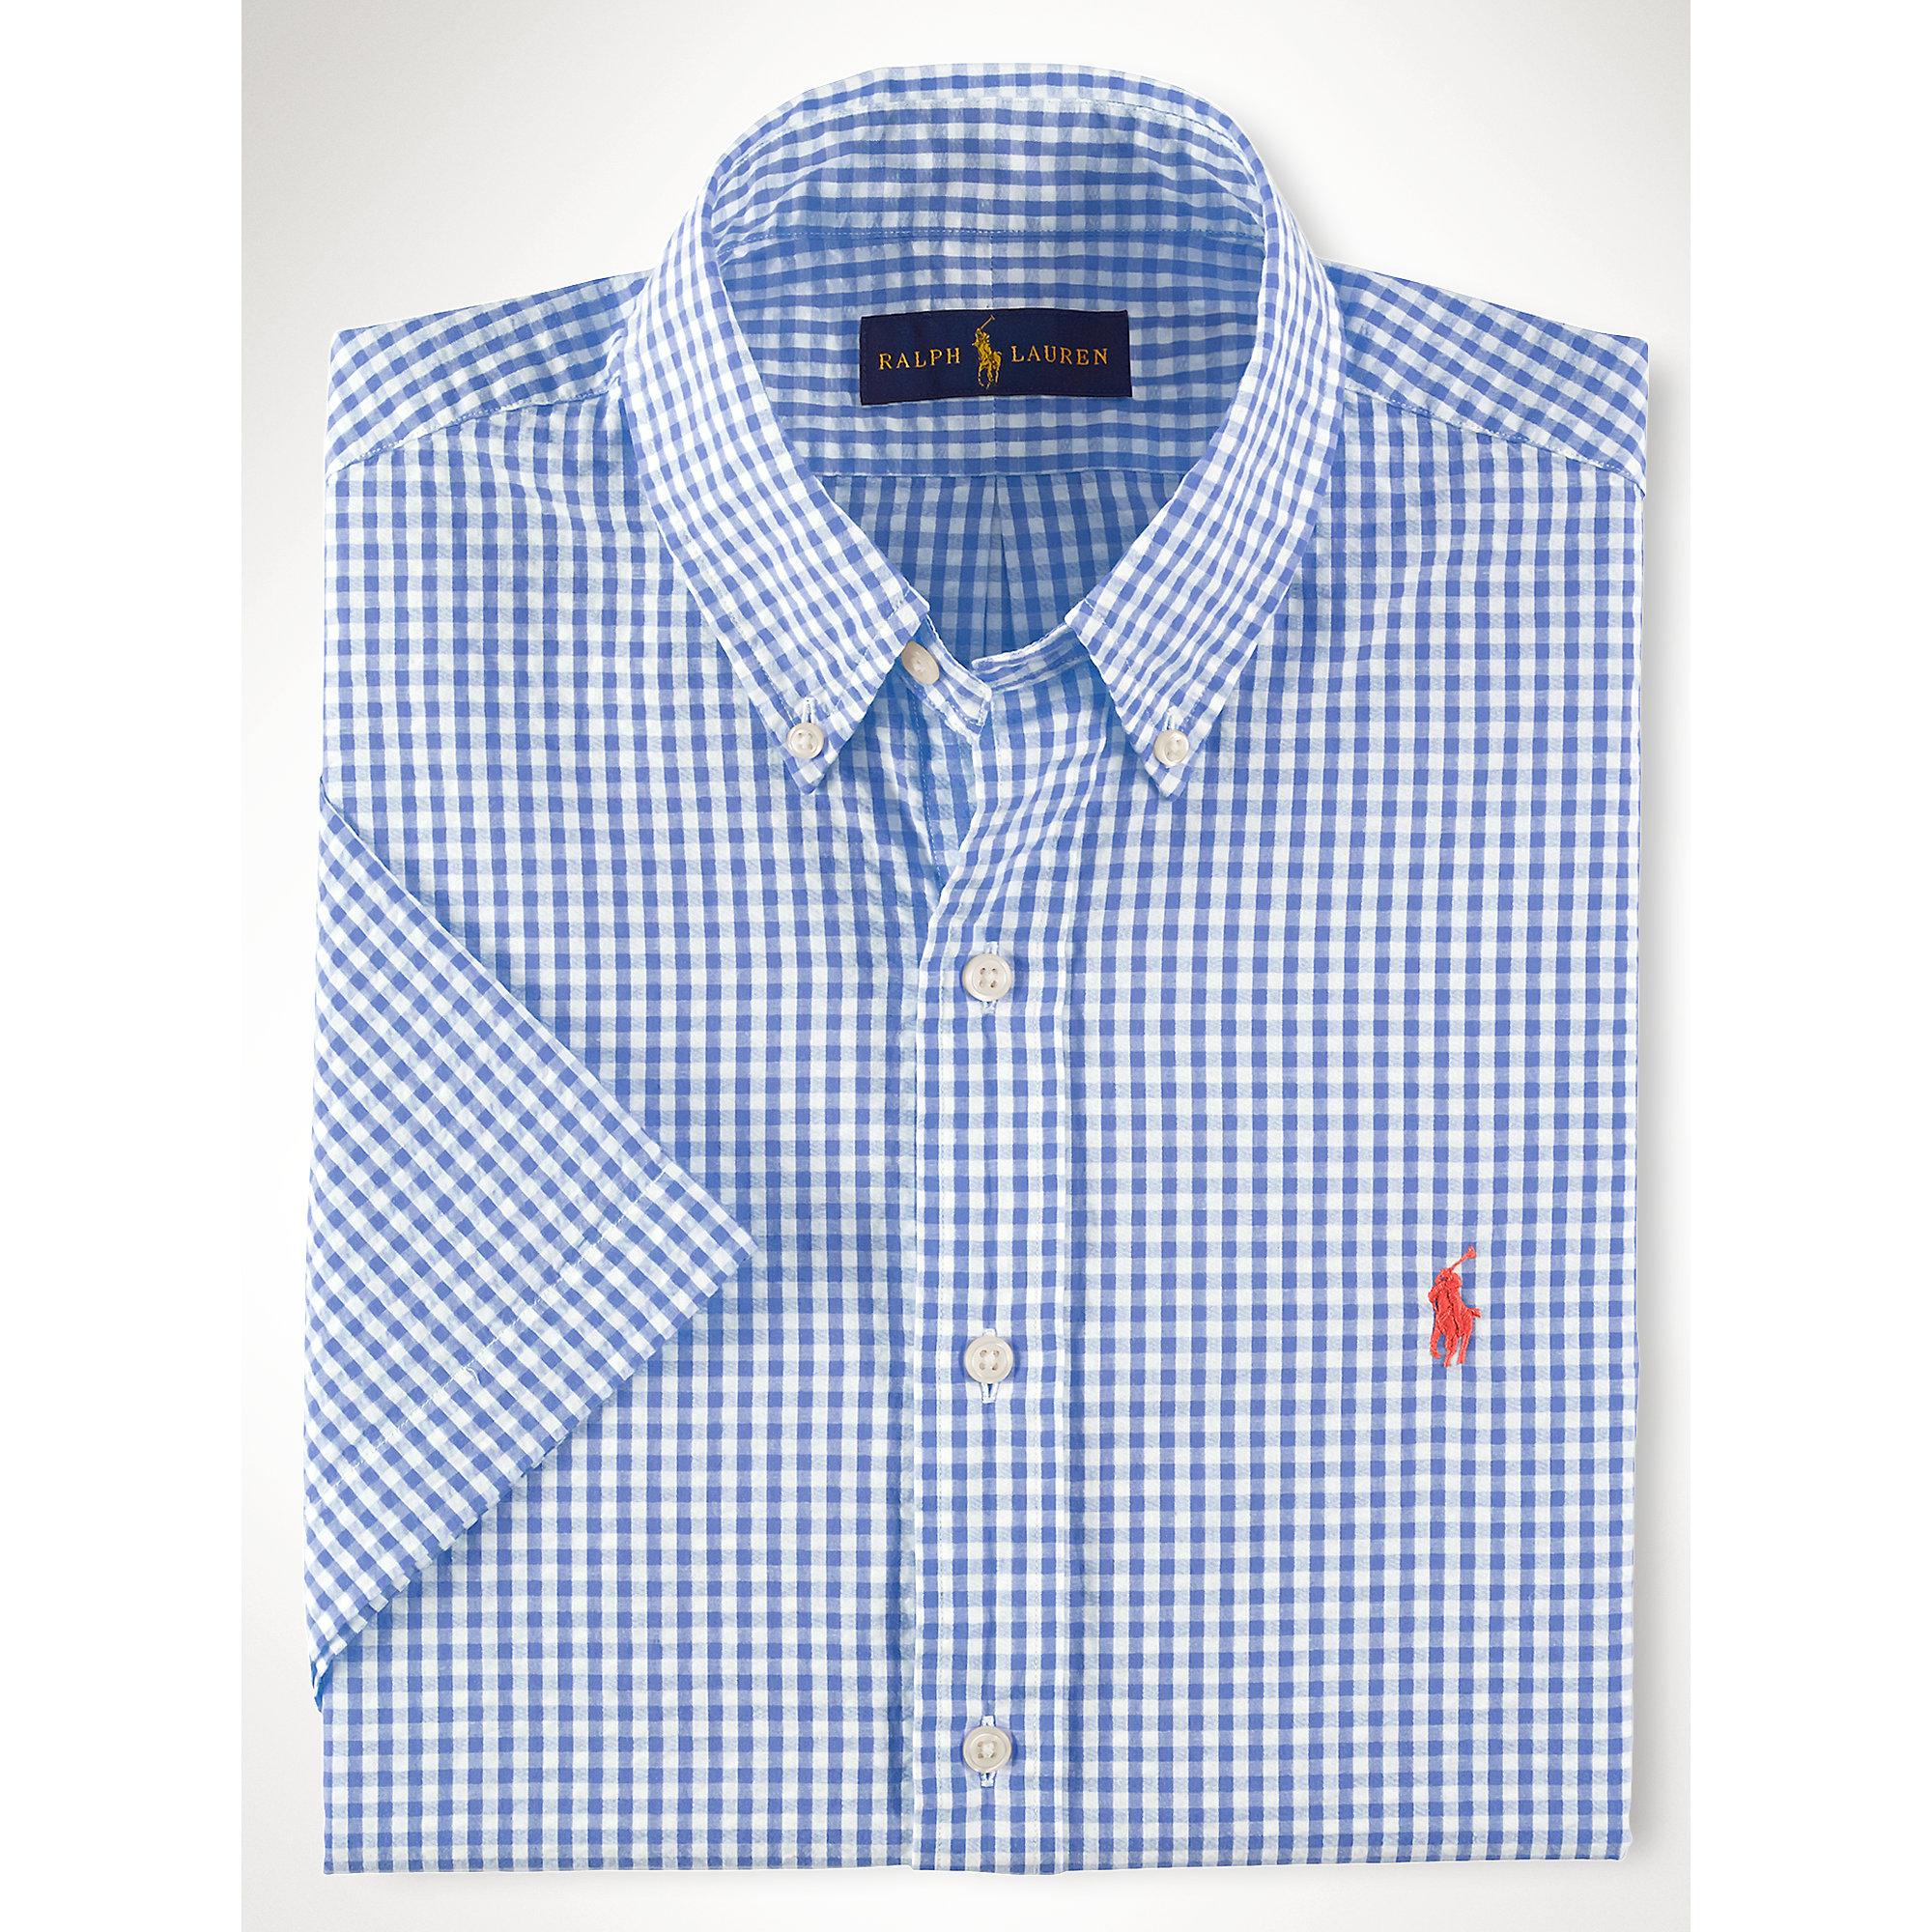 Polo Ralph Lauren Gingham Seersucker Shirt In Lime White Blue